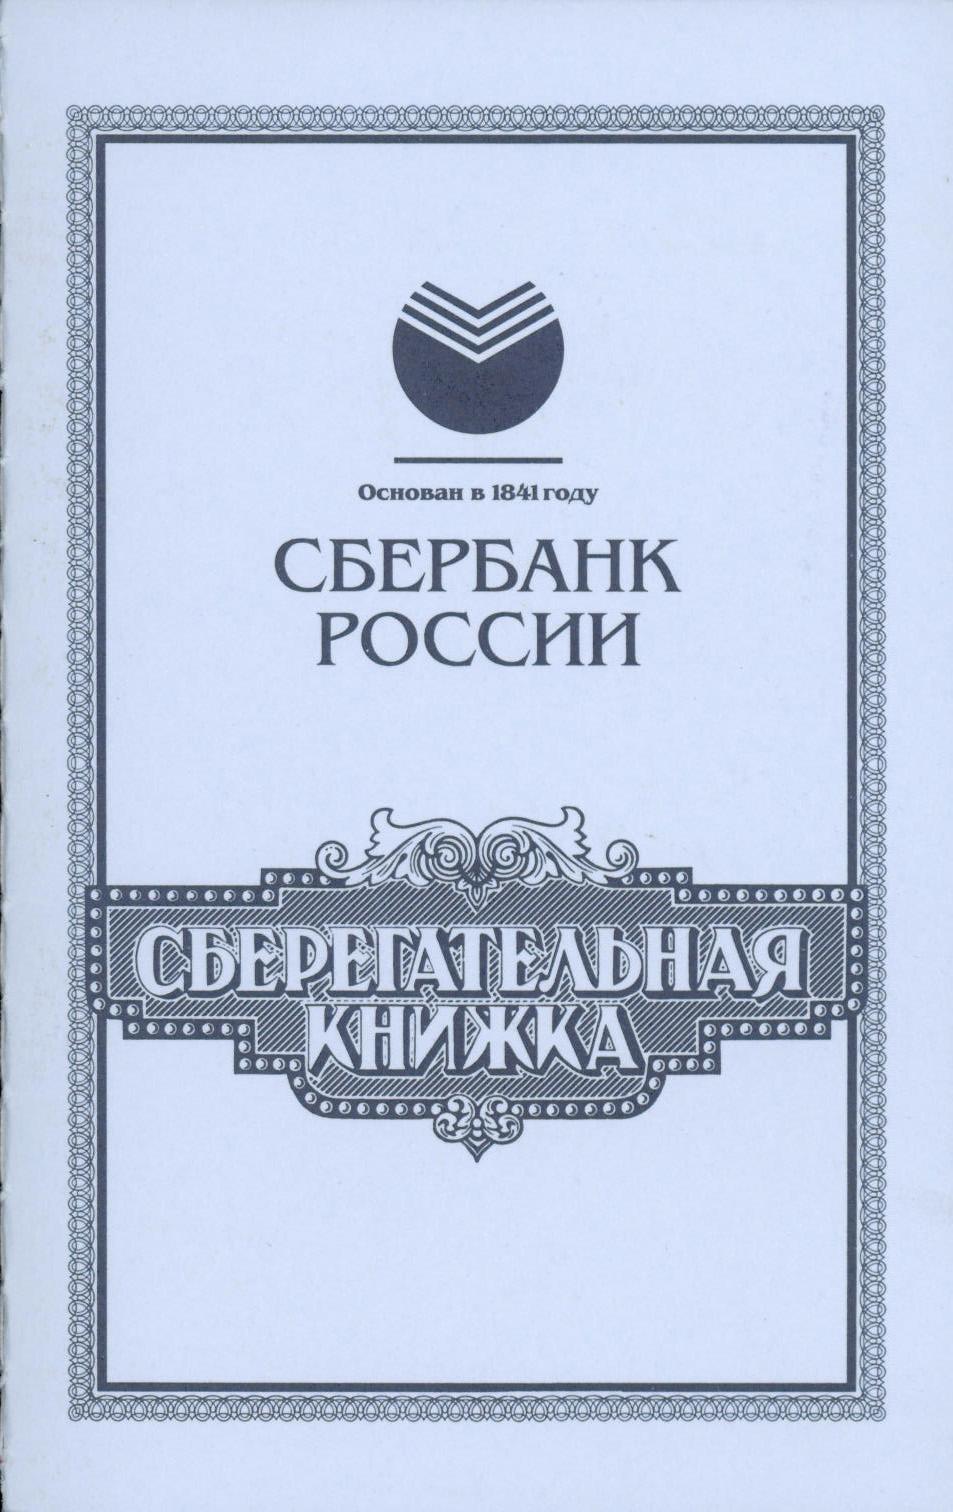 Сберегательная книжка 159